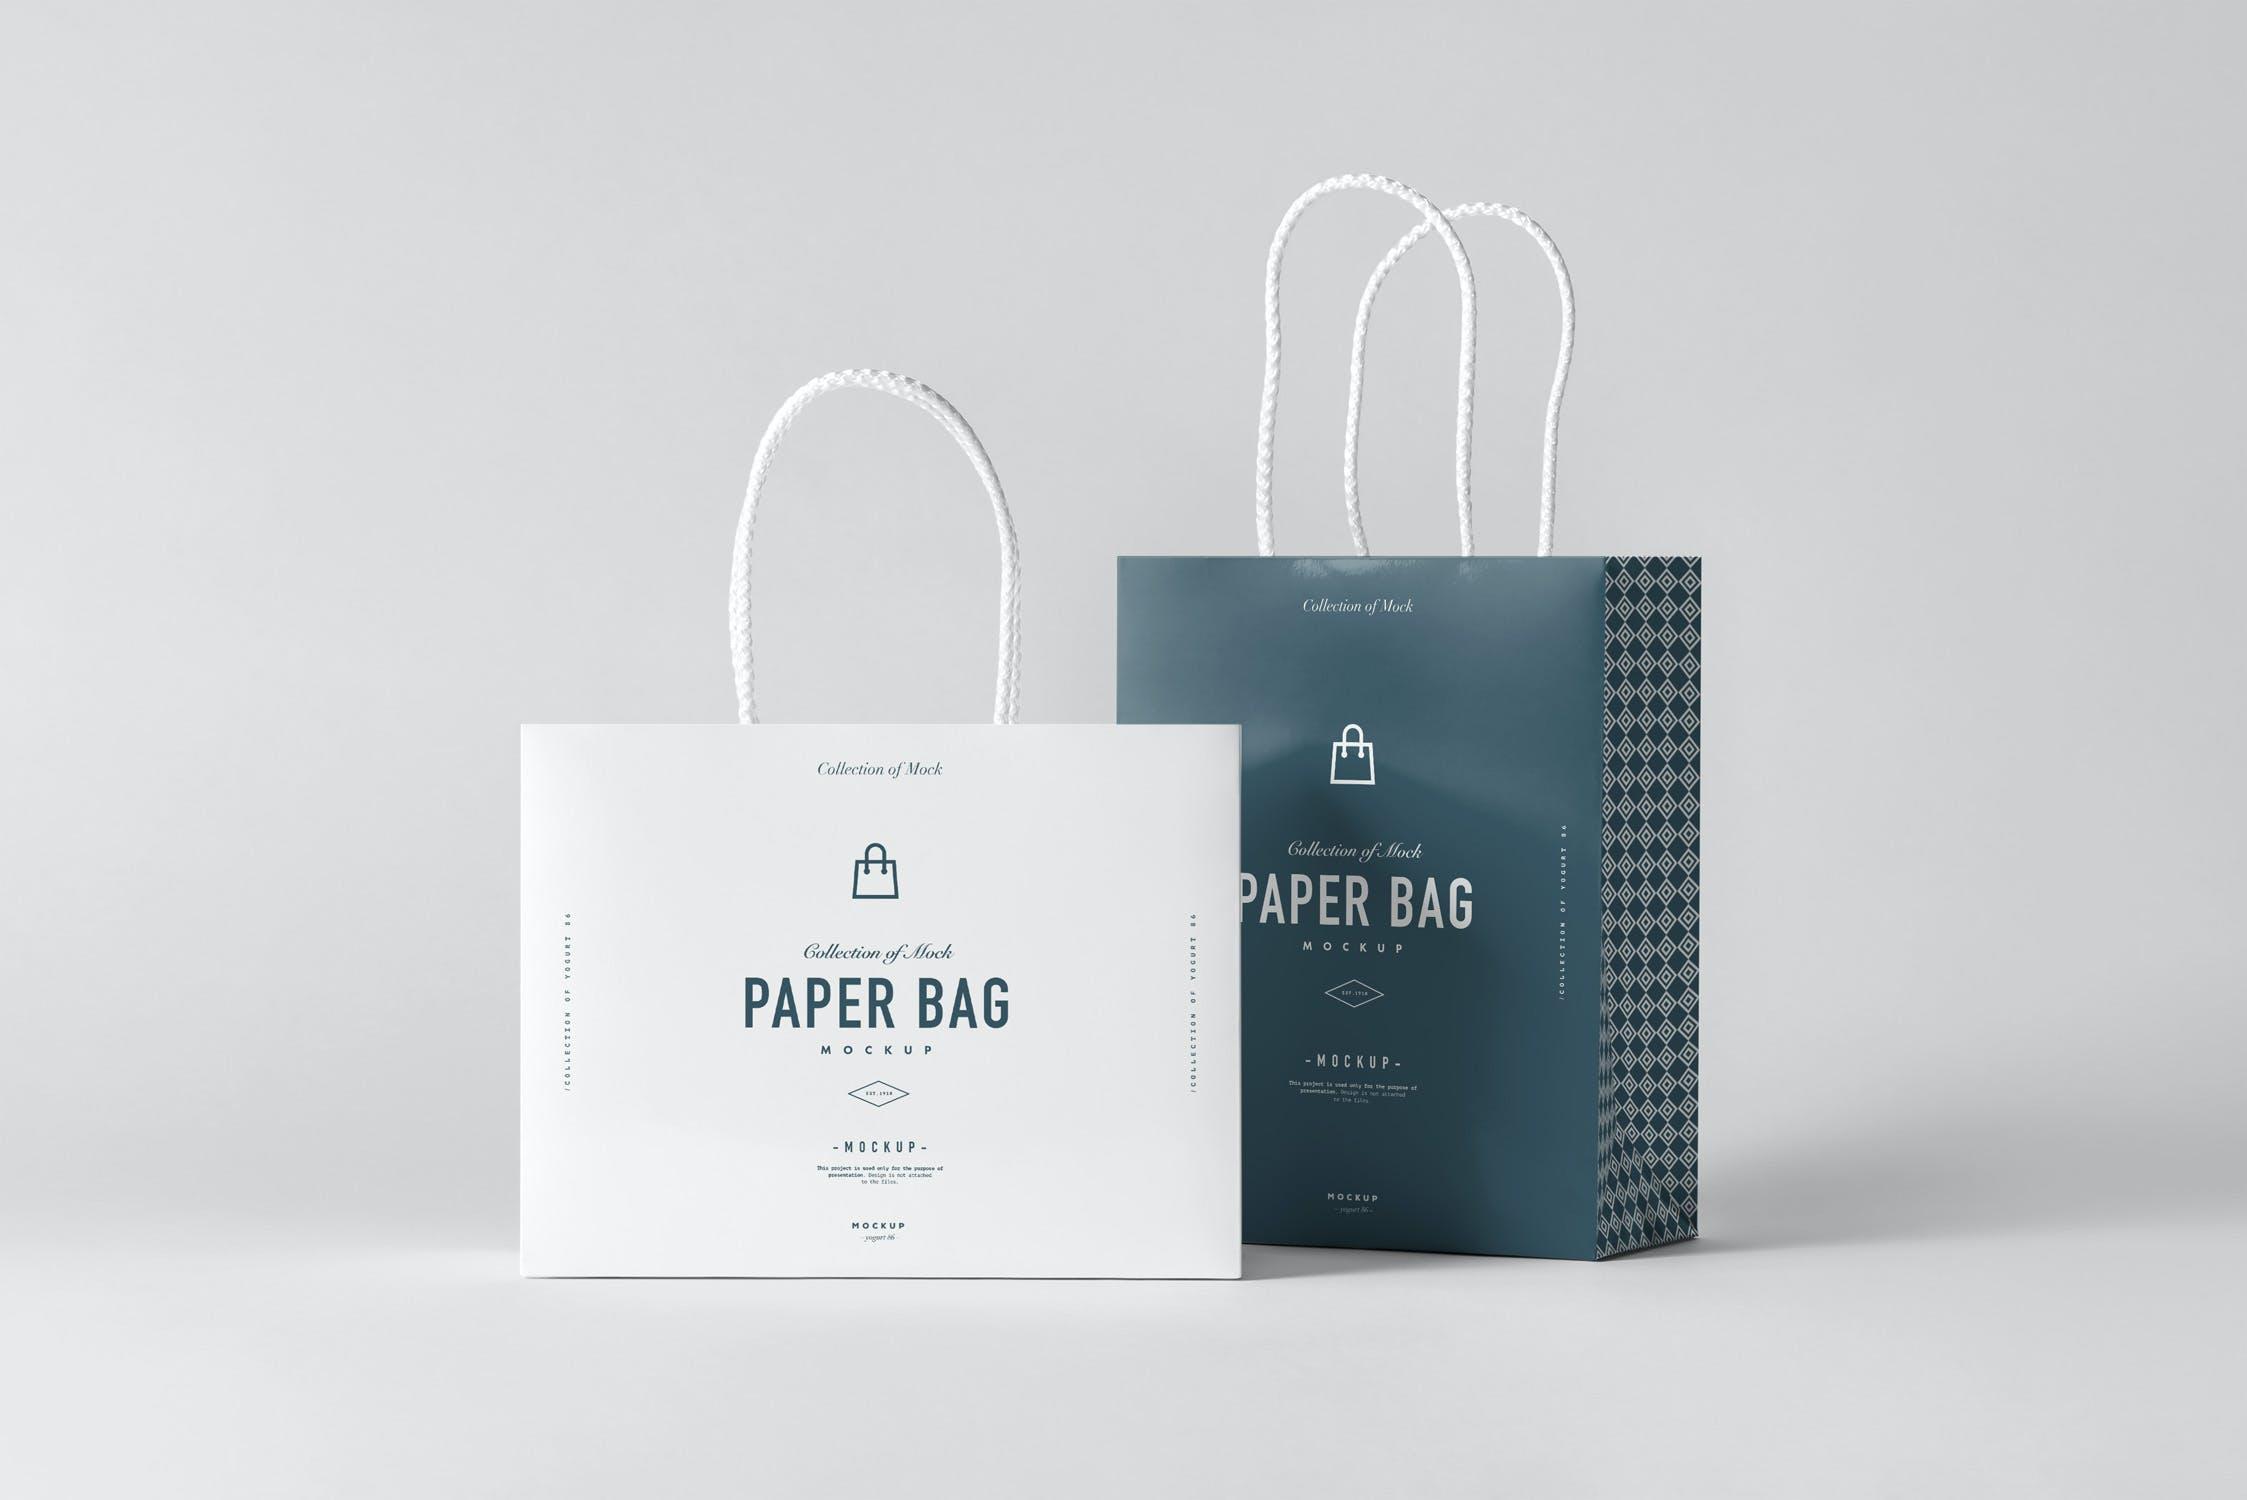 11款购物手提纸袋设计展示样机模板 Paper Bag Mockup 2插图(8)